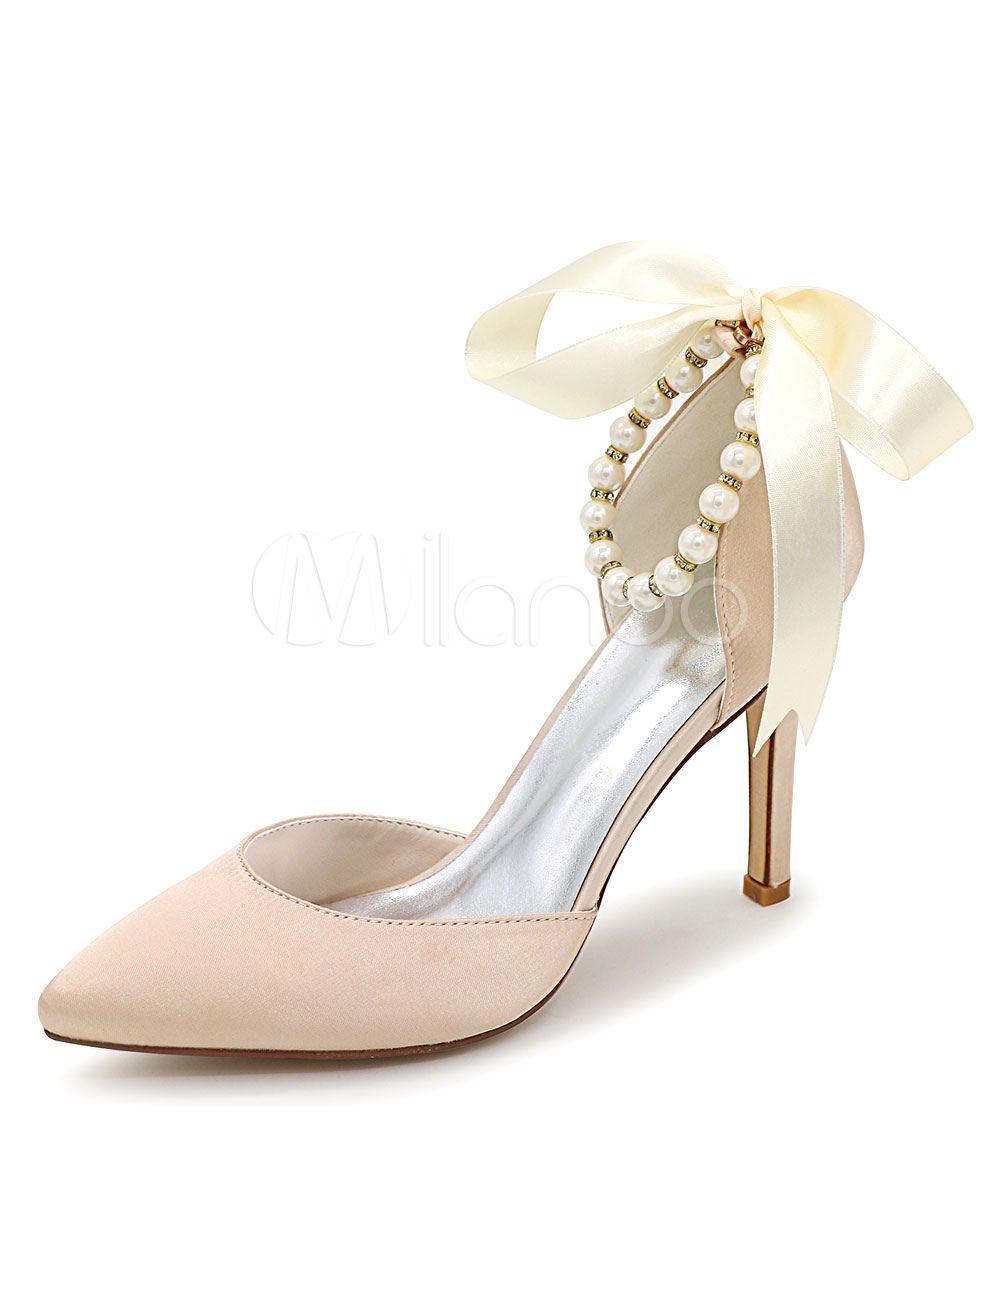 sandale chaussures Stiletto haut talon cheville pompe Mode Sexy femmes Bowknot a souligné Toe I5jBNjo